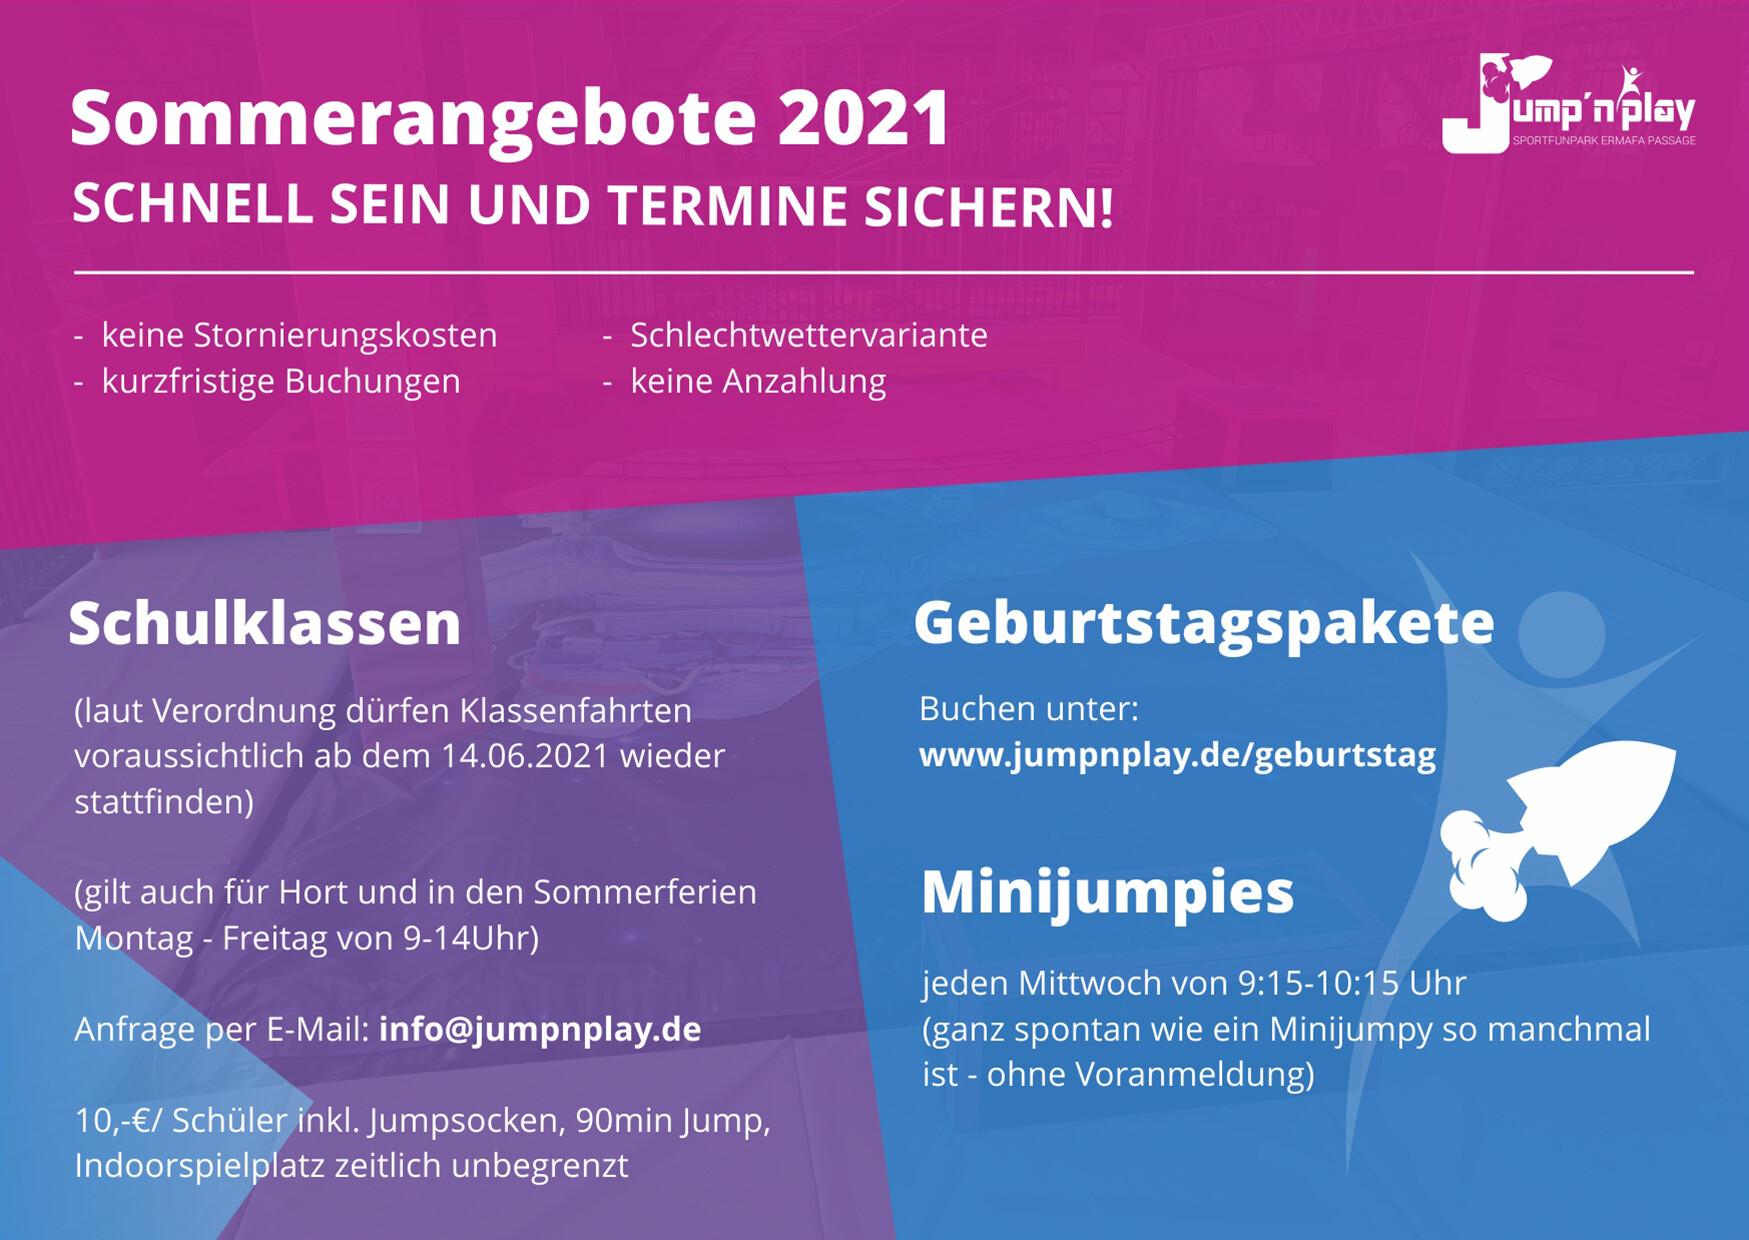 Jumpnplay_Anzeige Wiedereröffnung 2021_Angebote